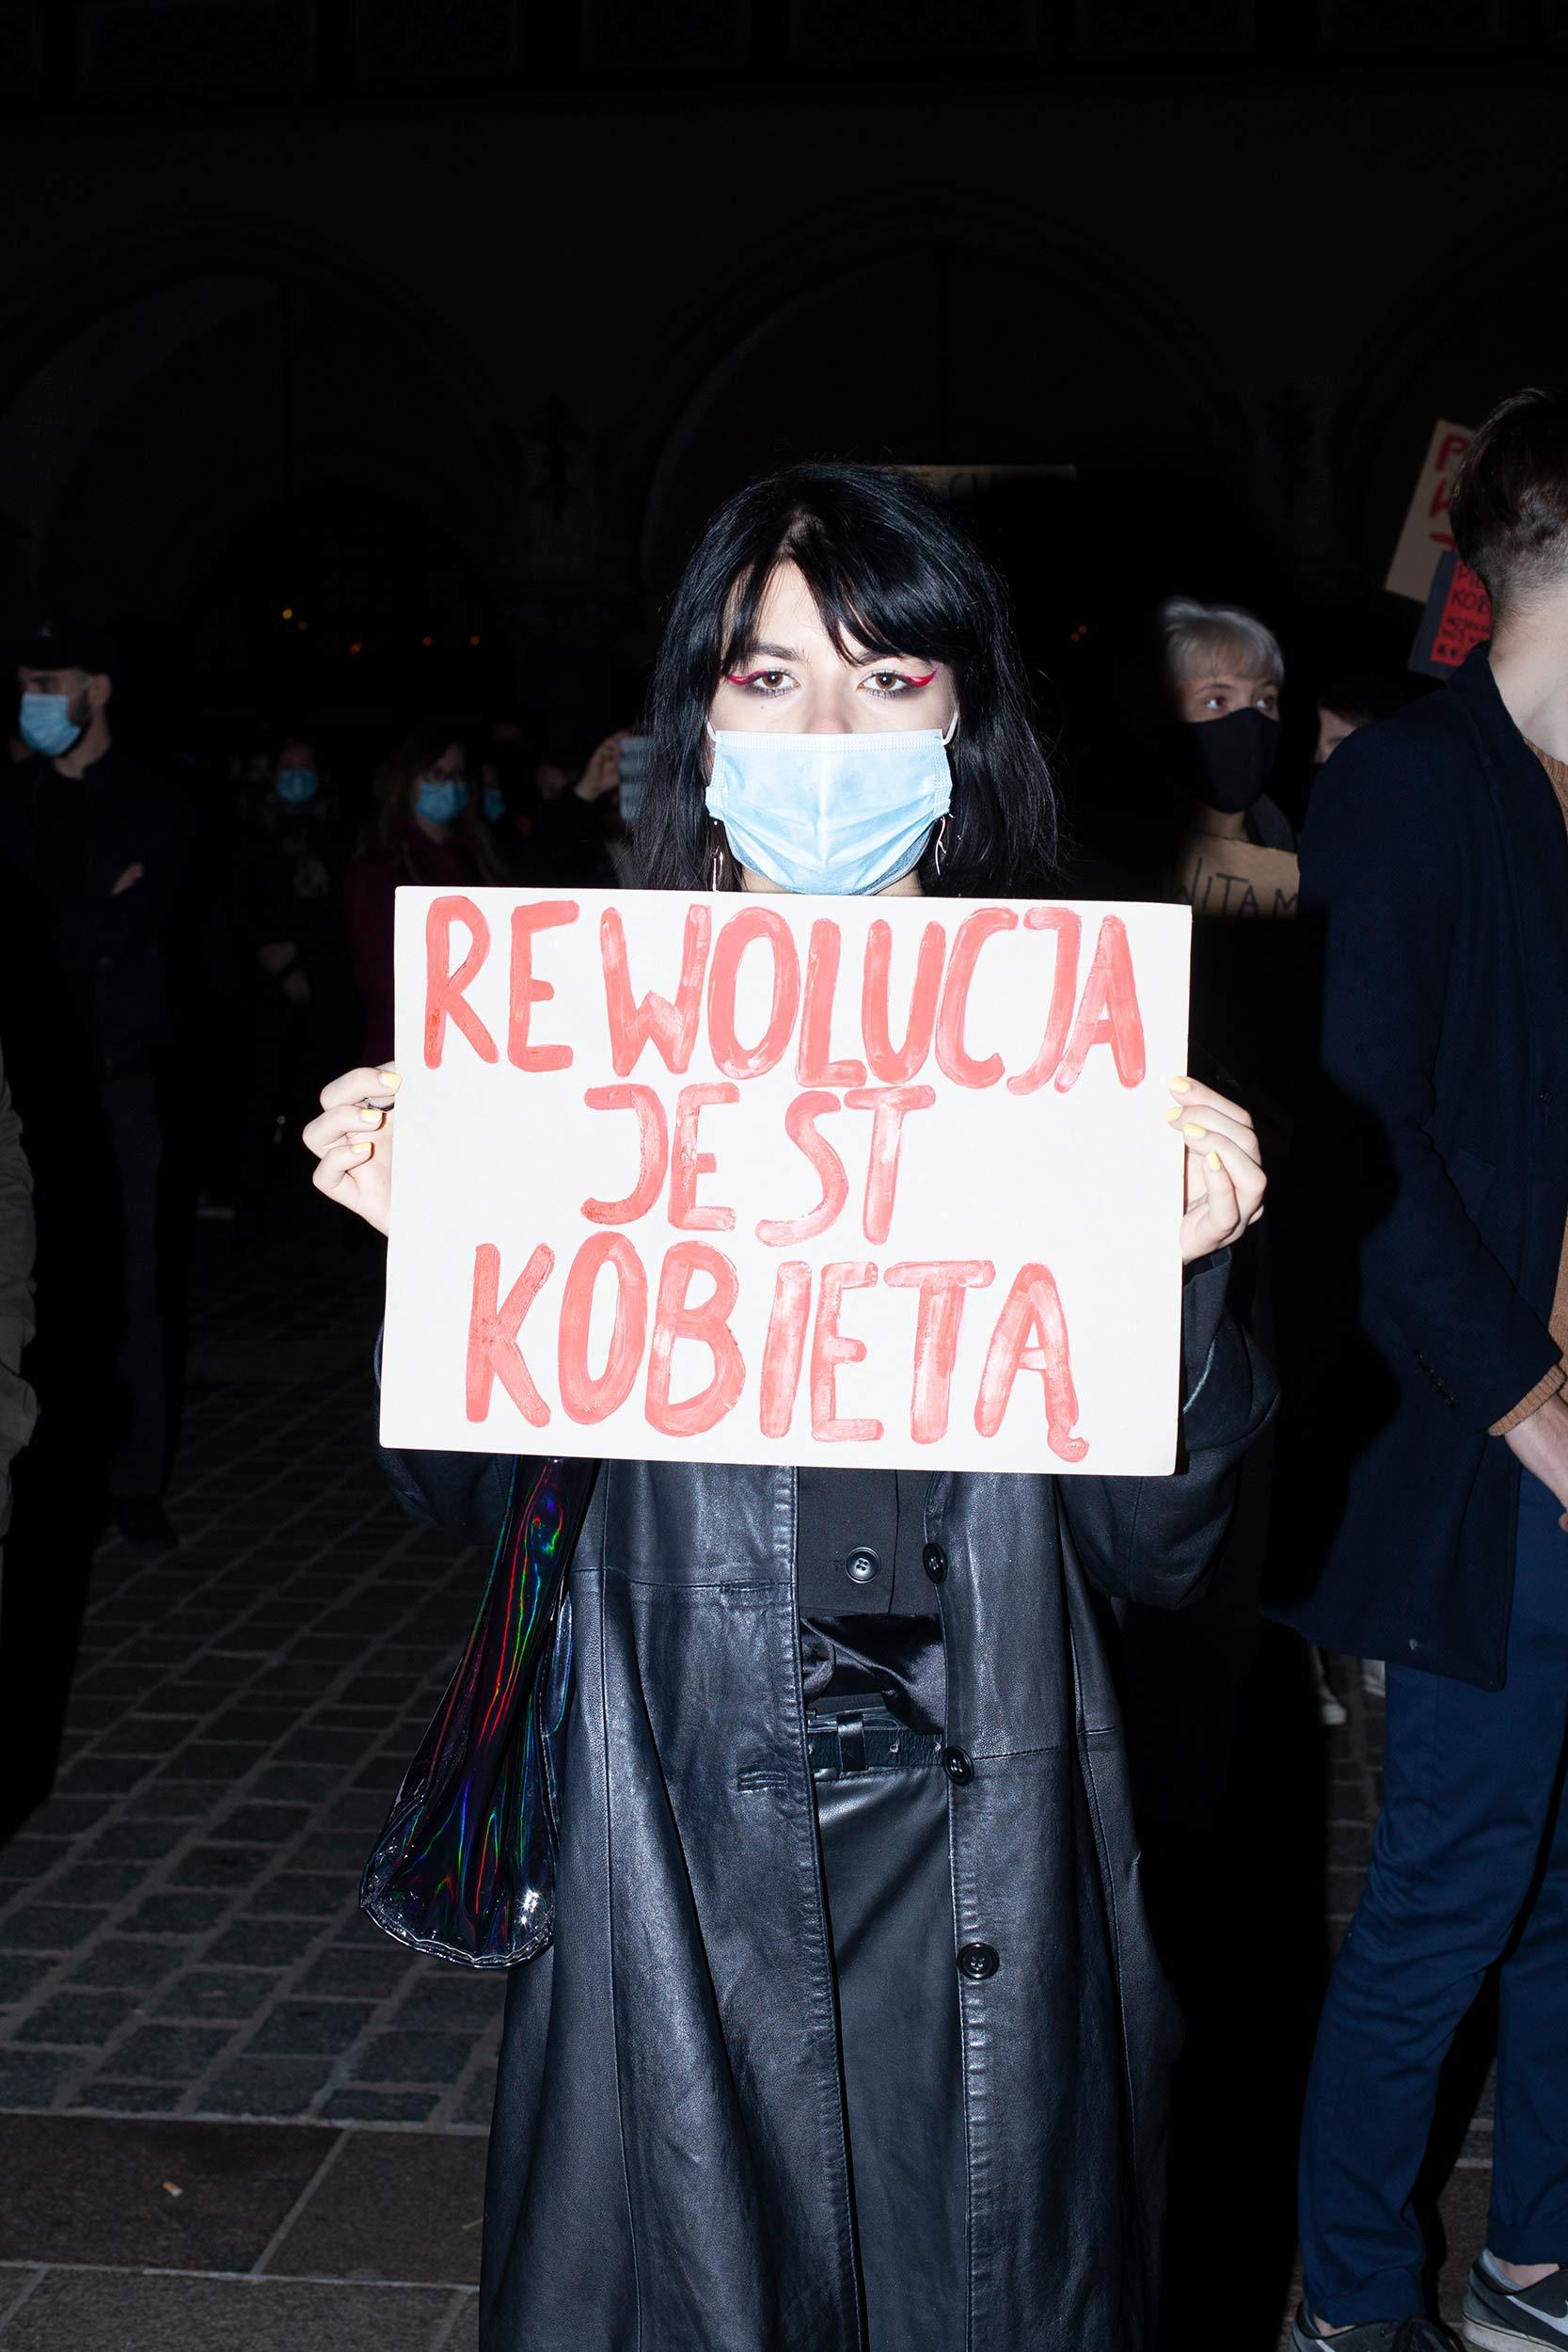 joannamasul03 - <b>У Польщі все-таки заборонили більшість абортів.</b> Розповідаємо, що сталося й чи чекати нових протестів - Заборона